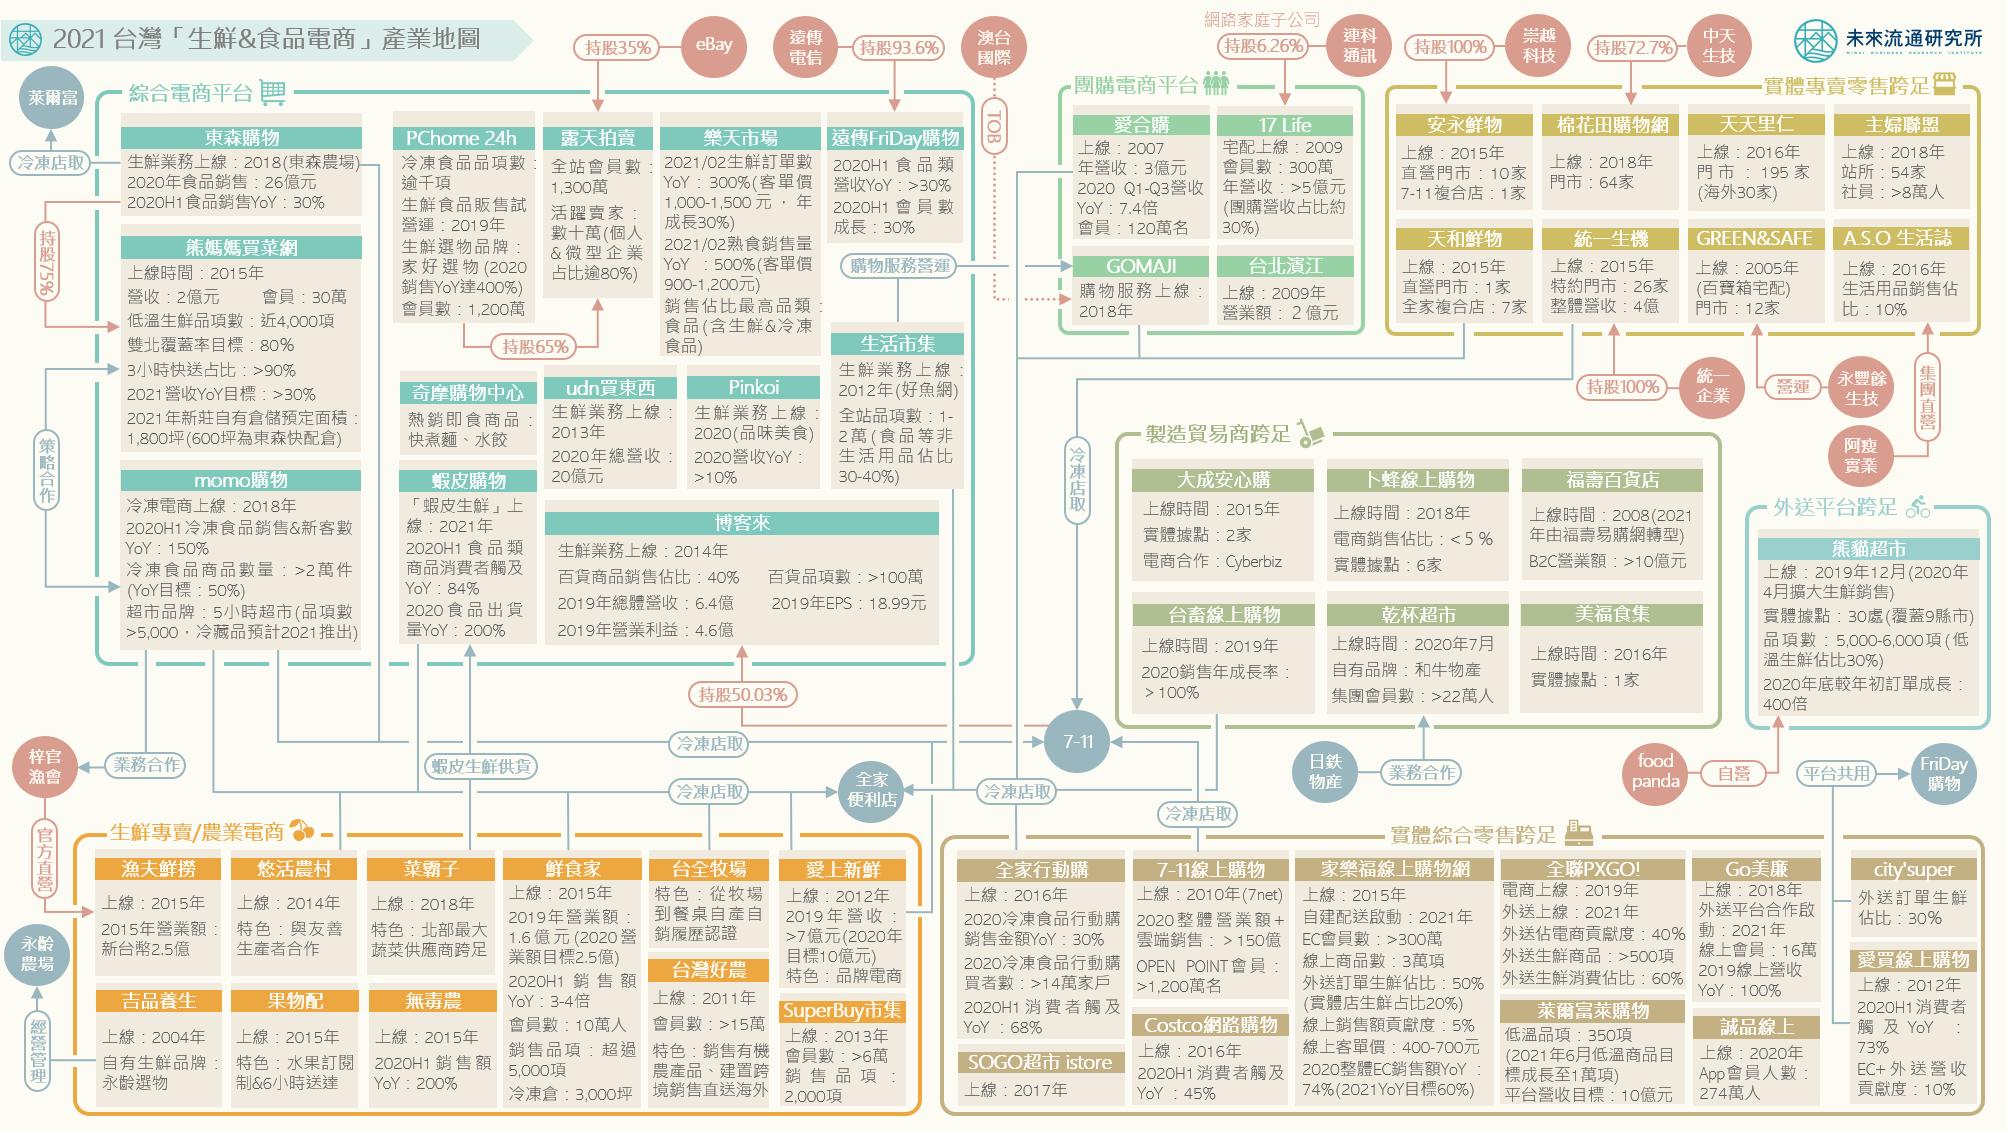 2021 台灣「生鮮&食品電商」產業地圖